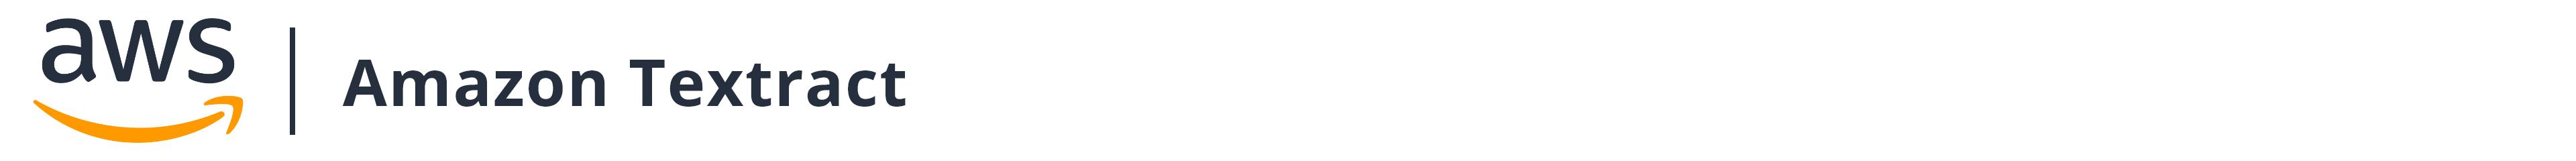 AWS Textract Logo